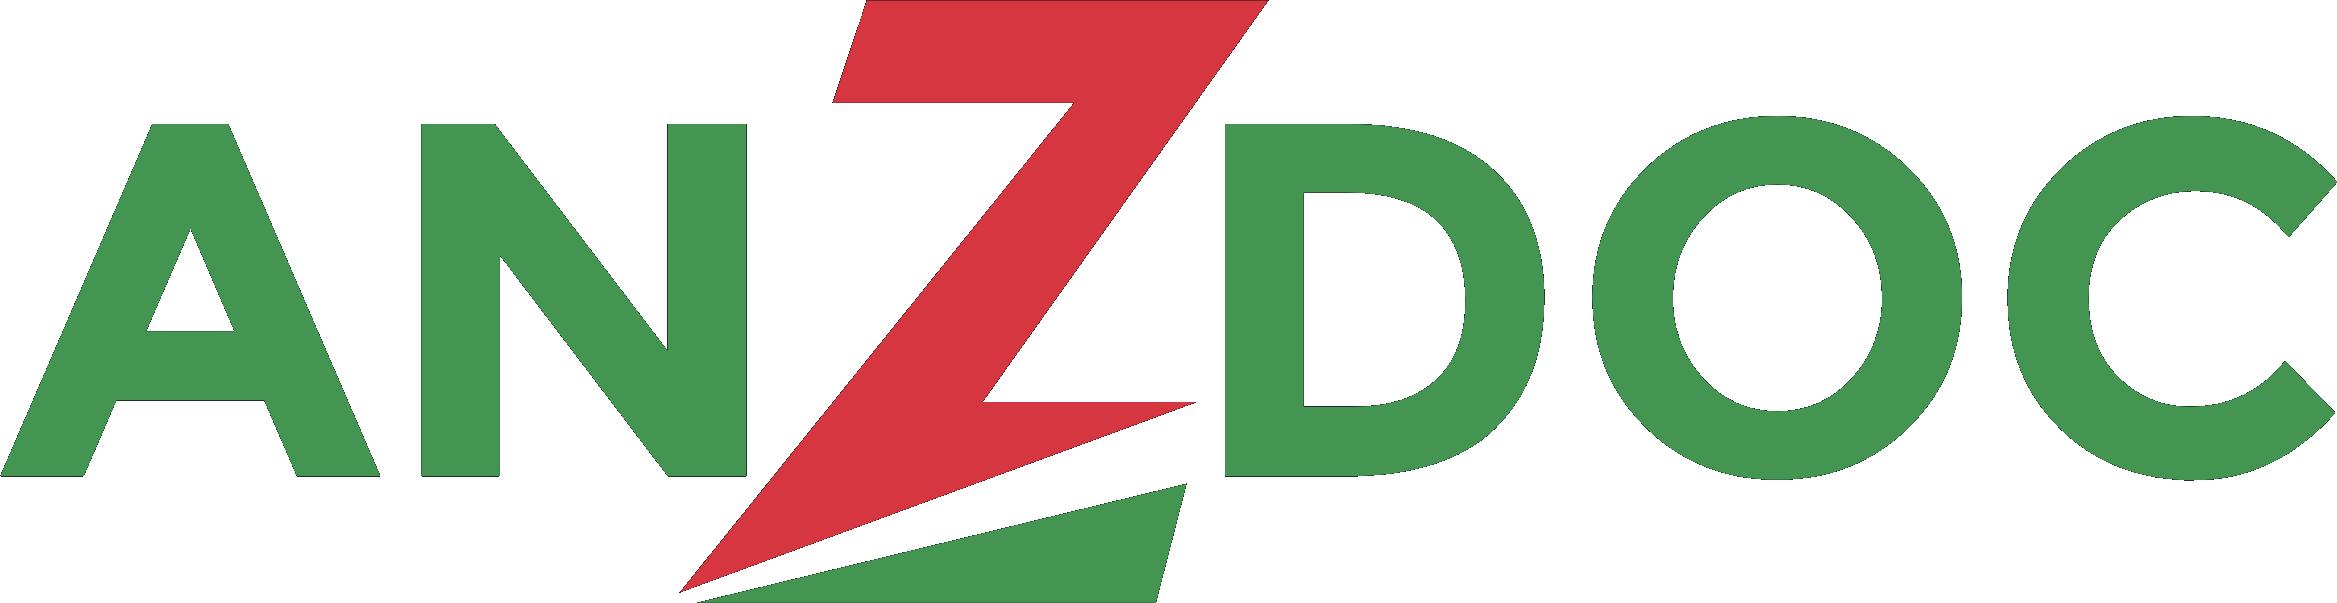 CSALÁDI KÖRBEN AZ ORVOSSAL | Új Szó | A szlovákiai magyar napilap és hírportál